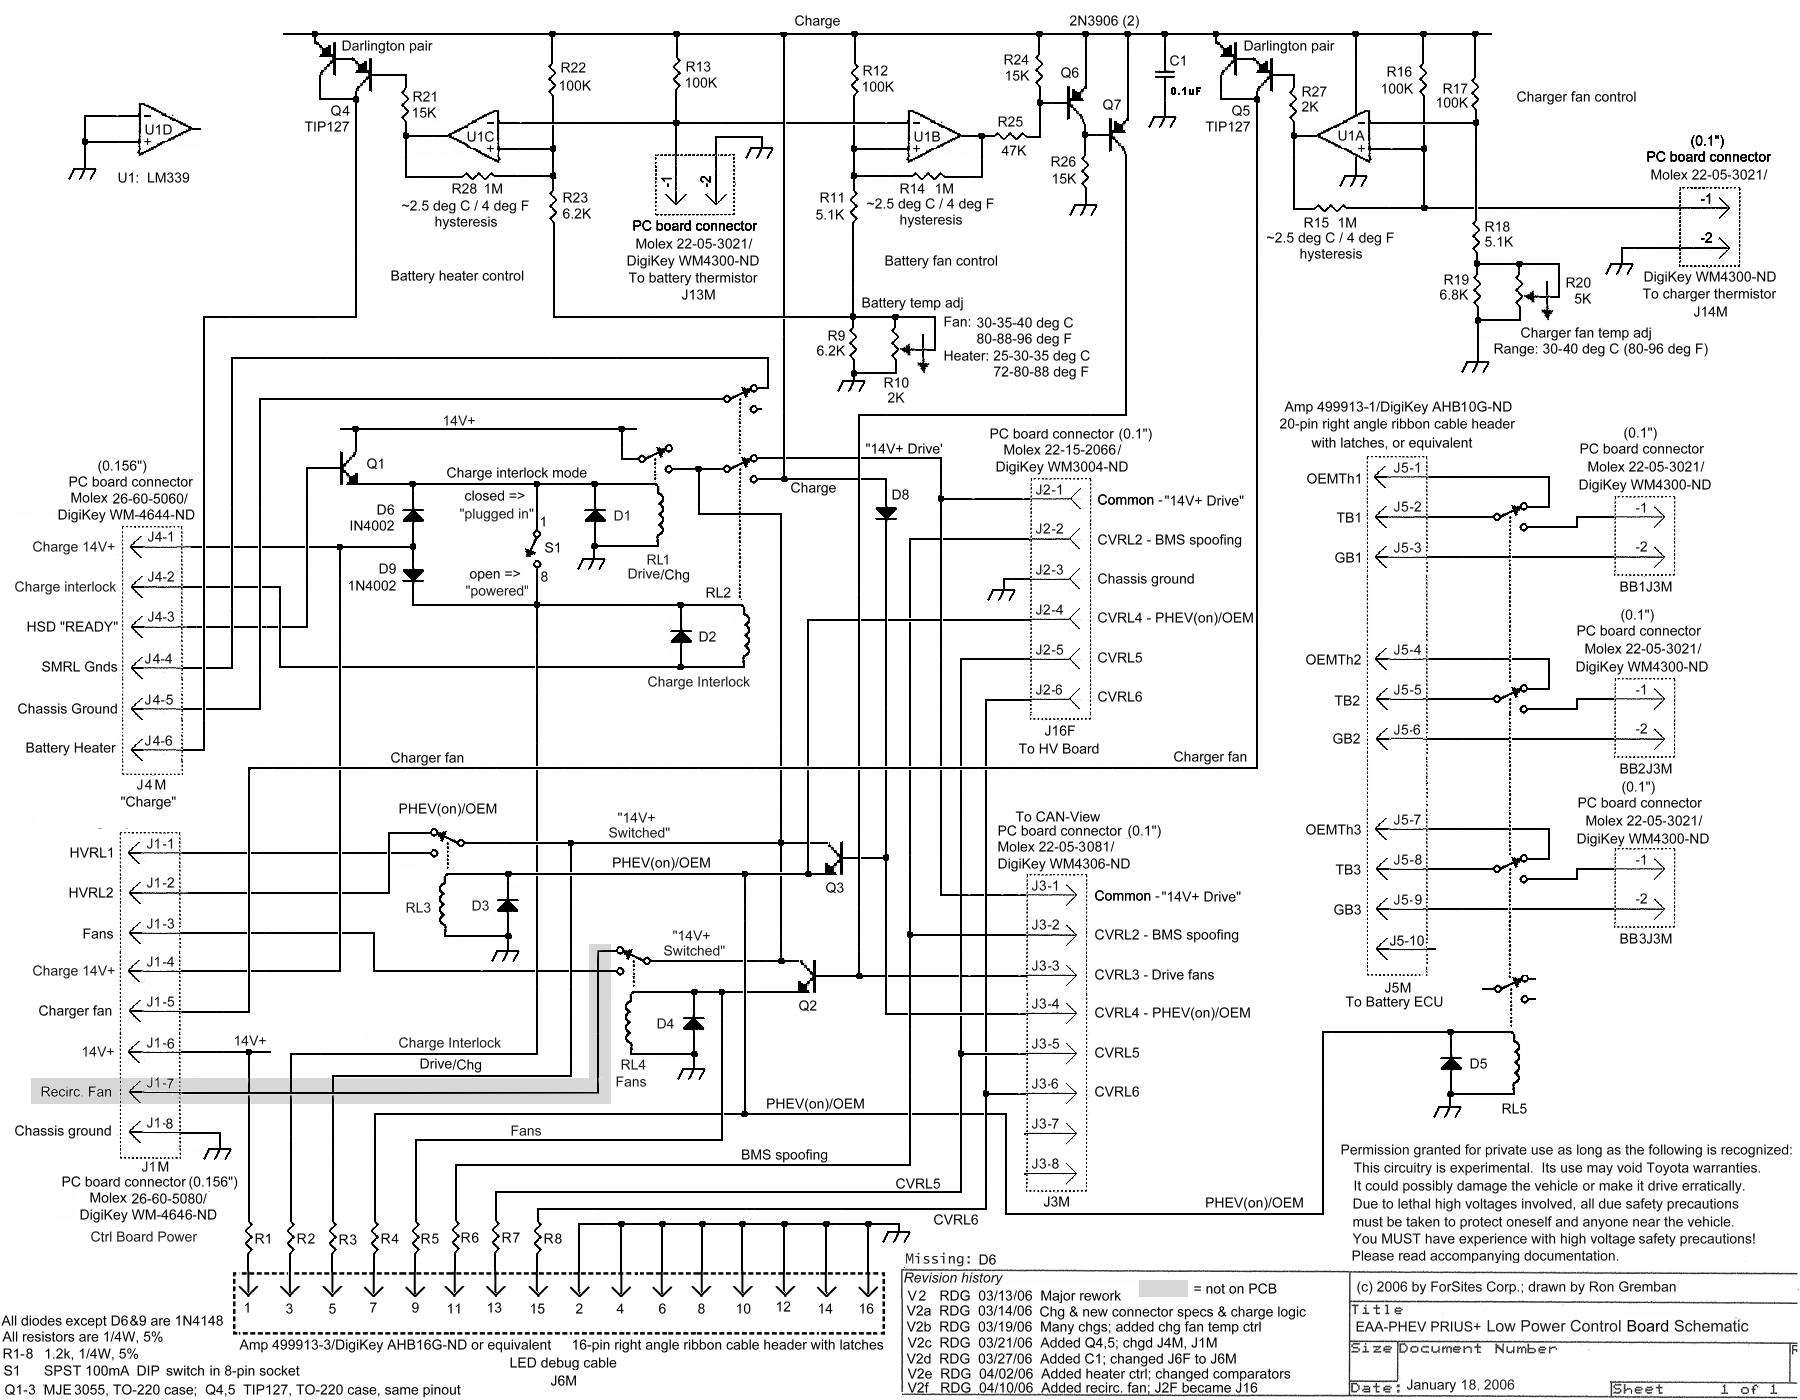 2013 prius wiring diagram electrical wiring diagram guide 2008 Prius Wiring-Diagram